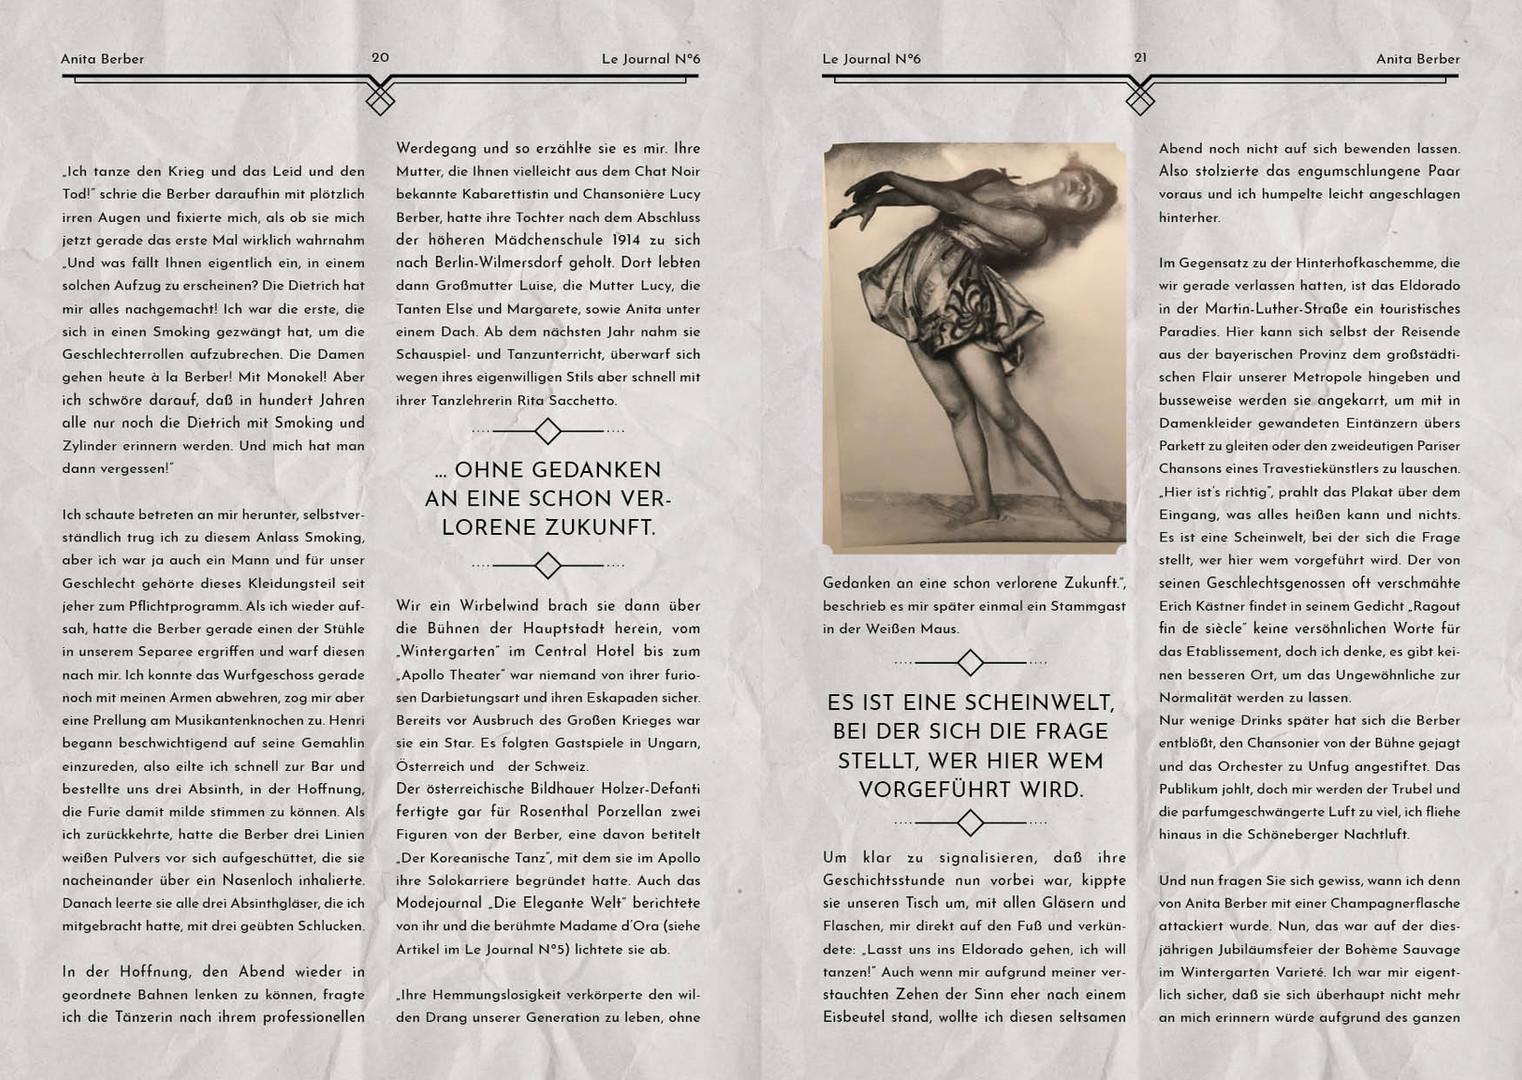 LeJournalNo6_11.jpg